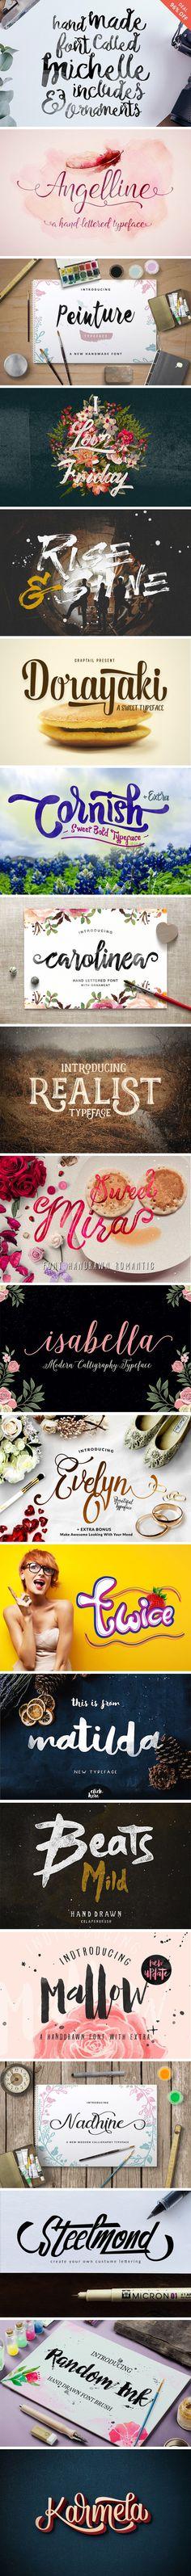 Top Creative Font Bundle | GraphicBurger